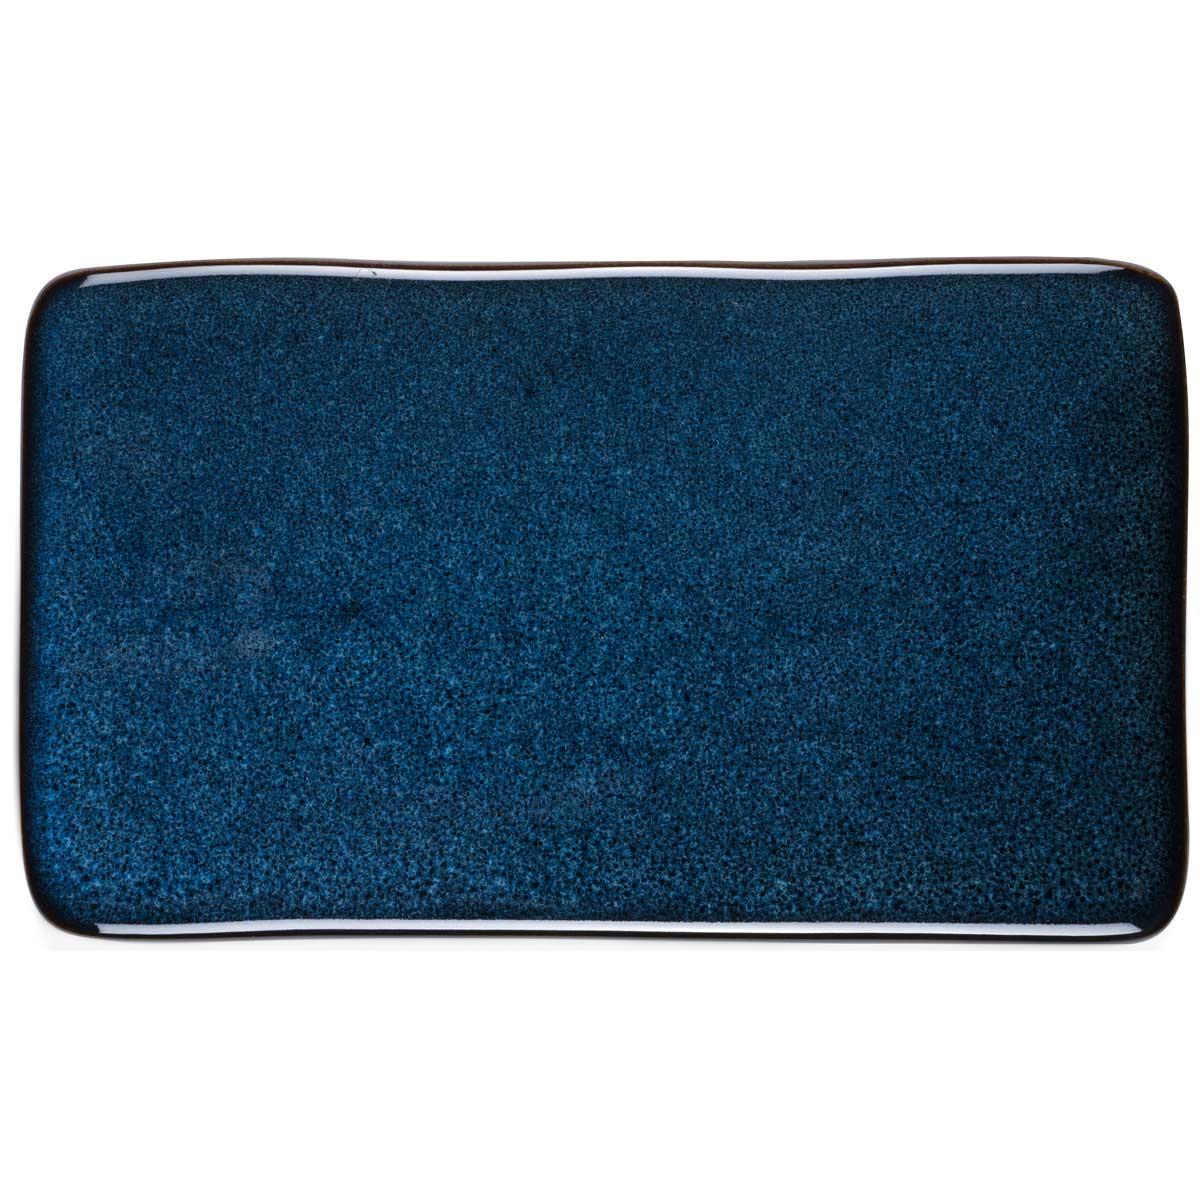 Bitz Bitz Serving Plate 22x12 cm, Dark Blue